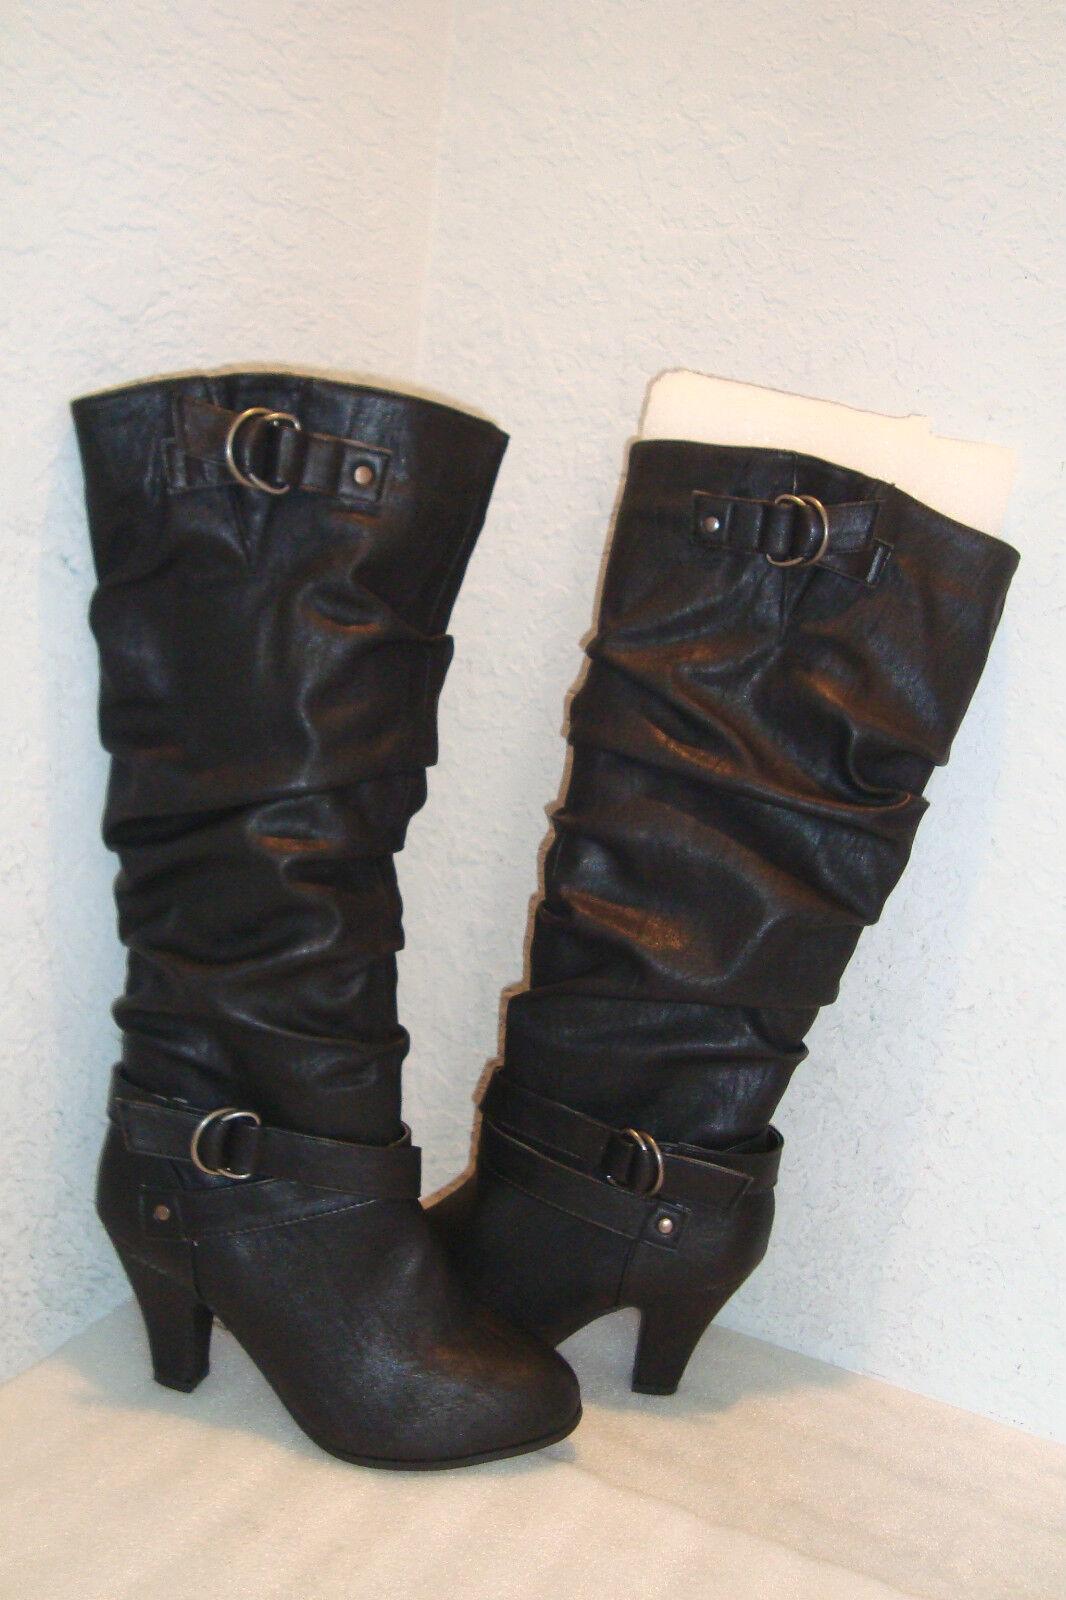 Style & Co botas para mujer Negro Nuevo Sin Sin Sin Caja Christie Zapatos 8.5 MED Nuevo  buena reputación